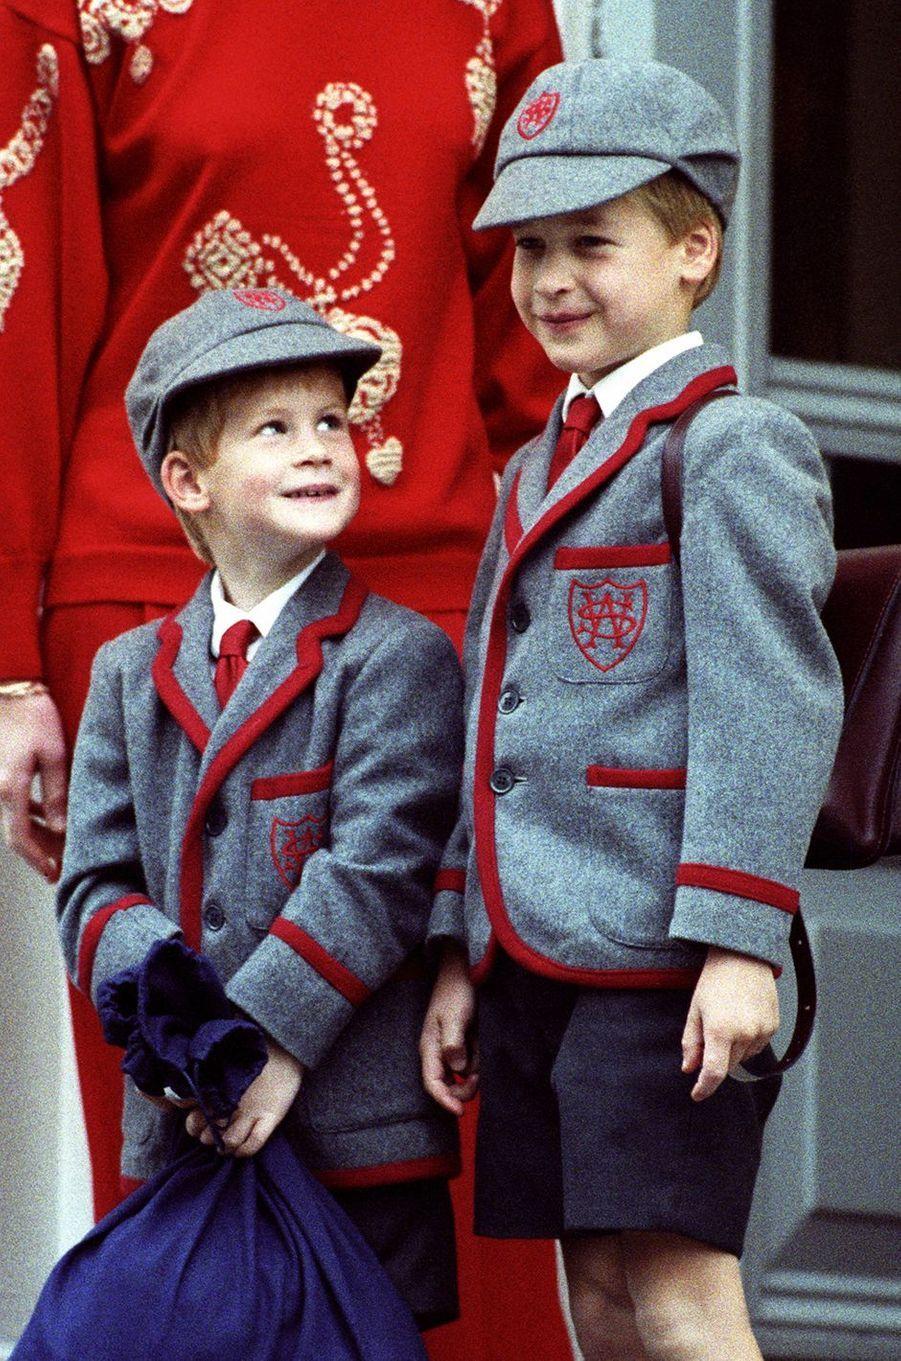 Le prince Harry et le prince William lors de la rentrée scolaire en septembre 1989